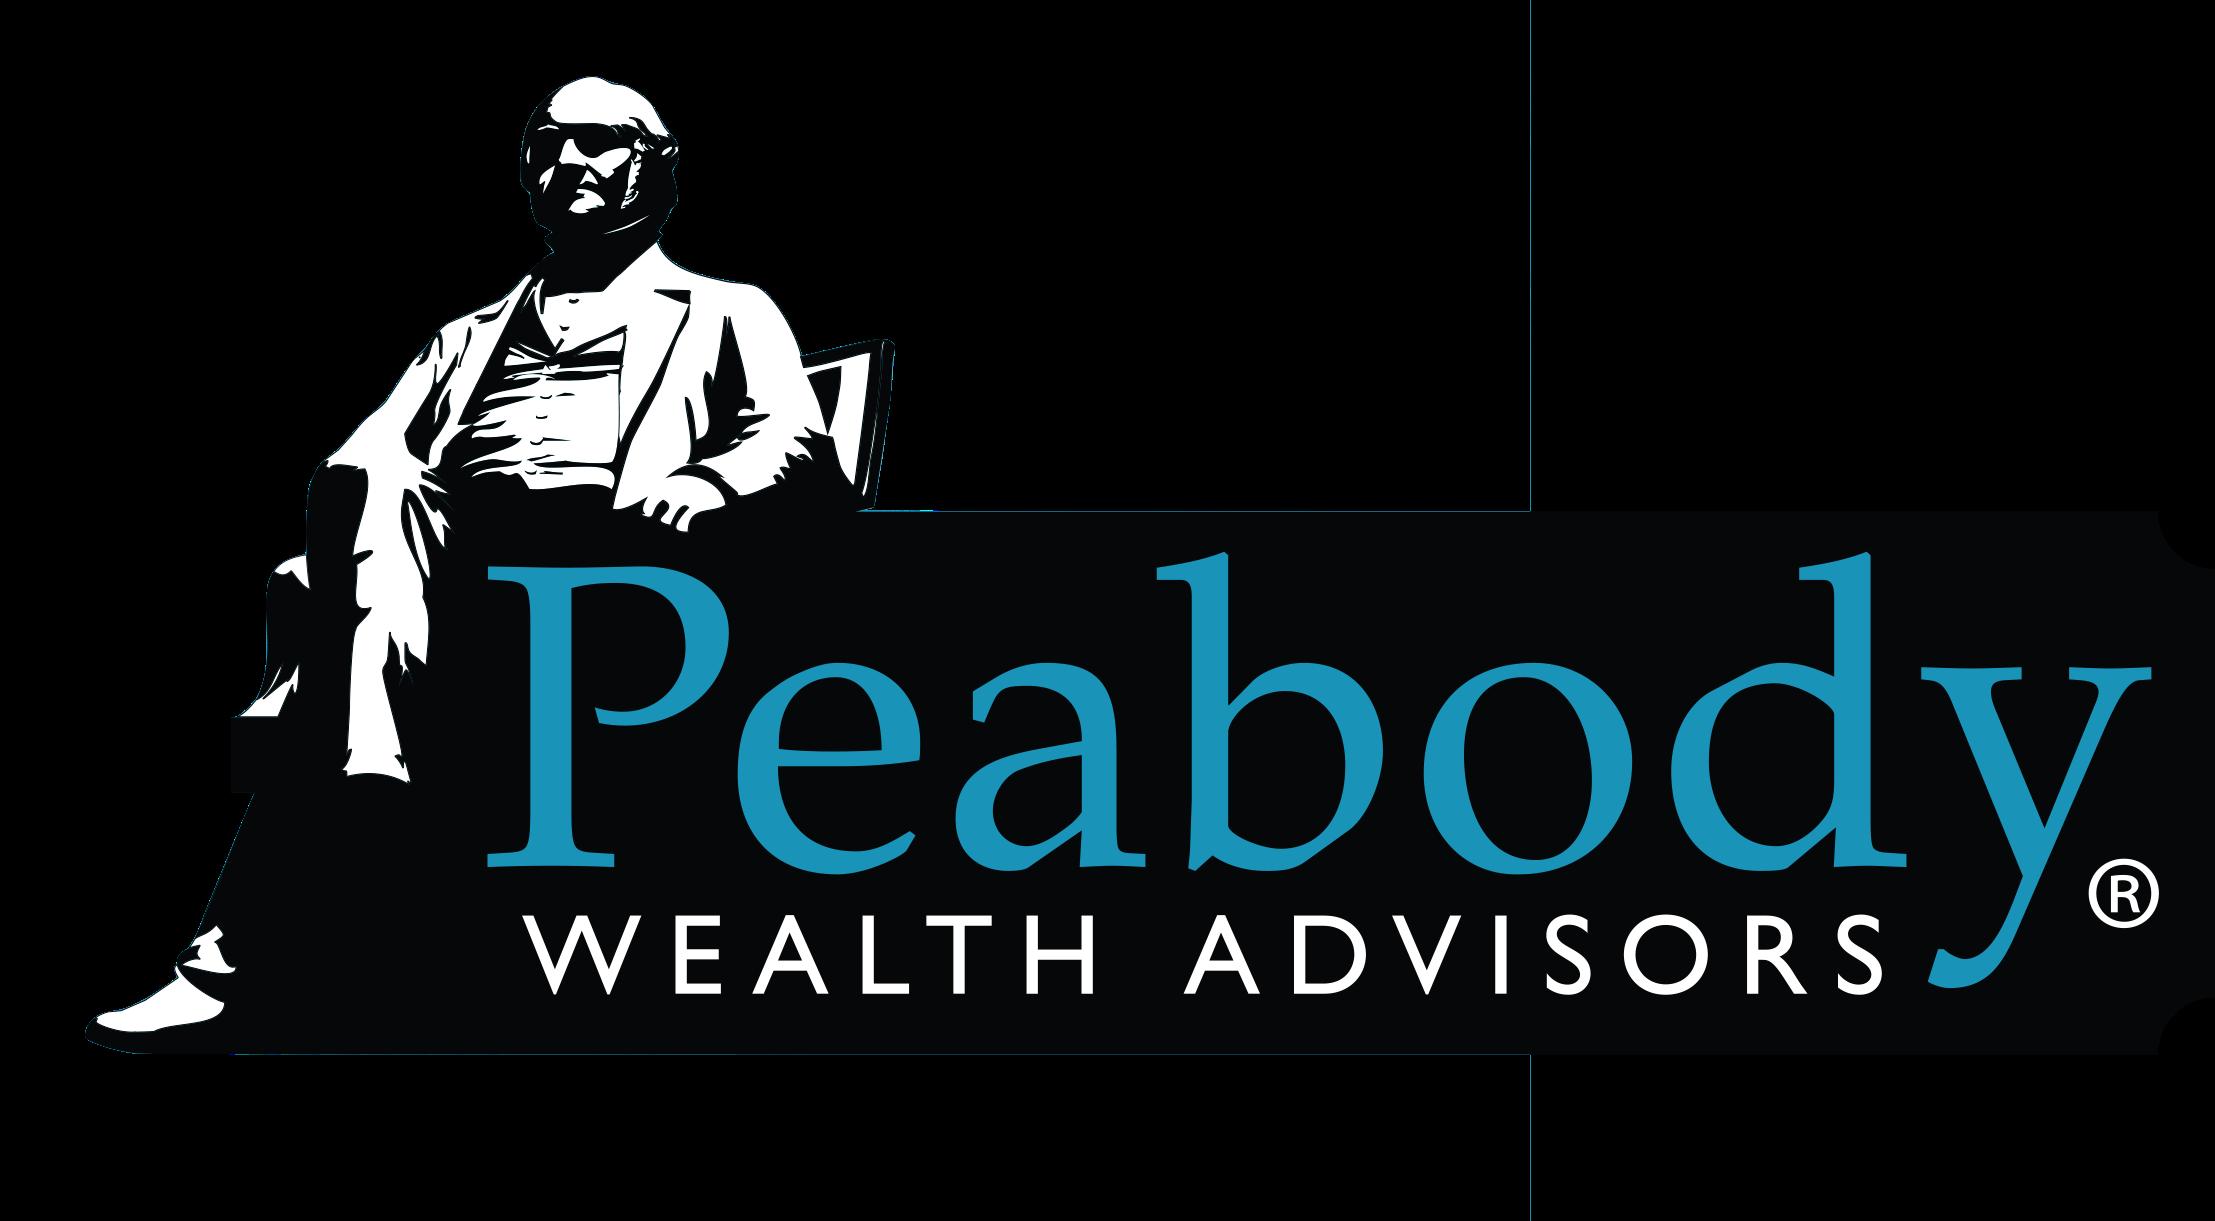 Logo for Peabody Wealth Advisors